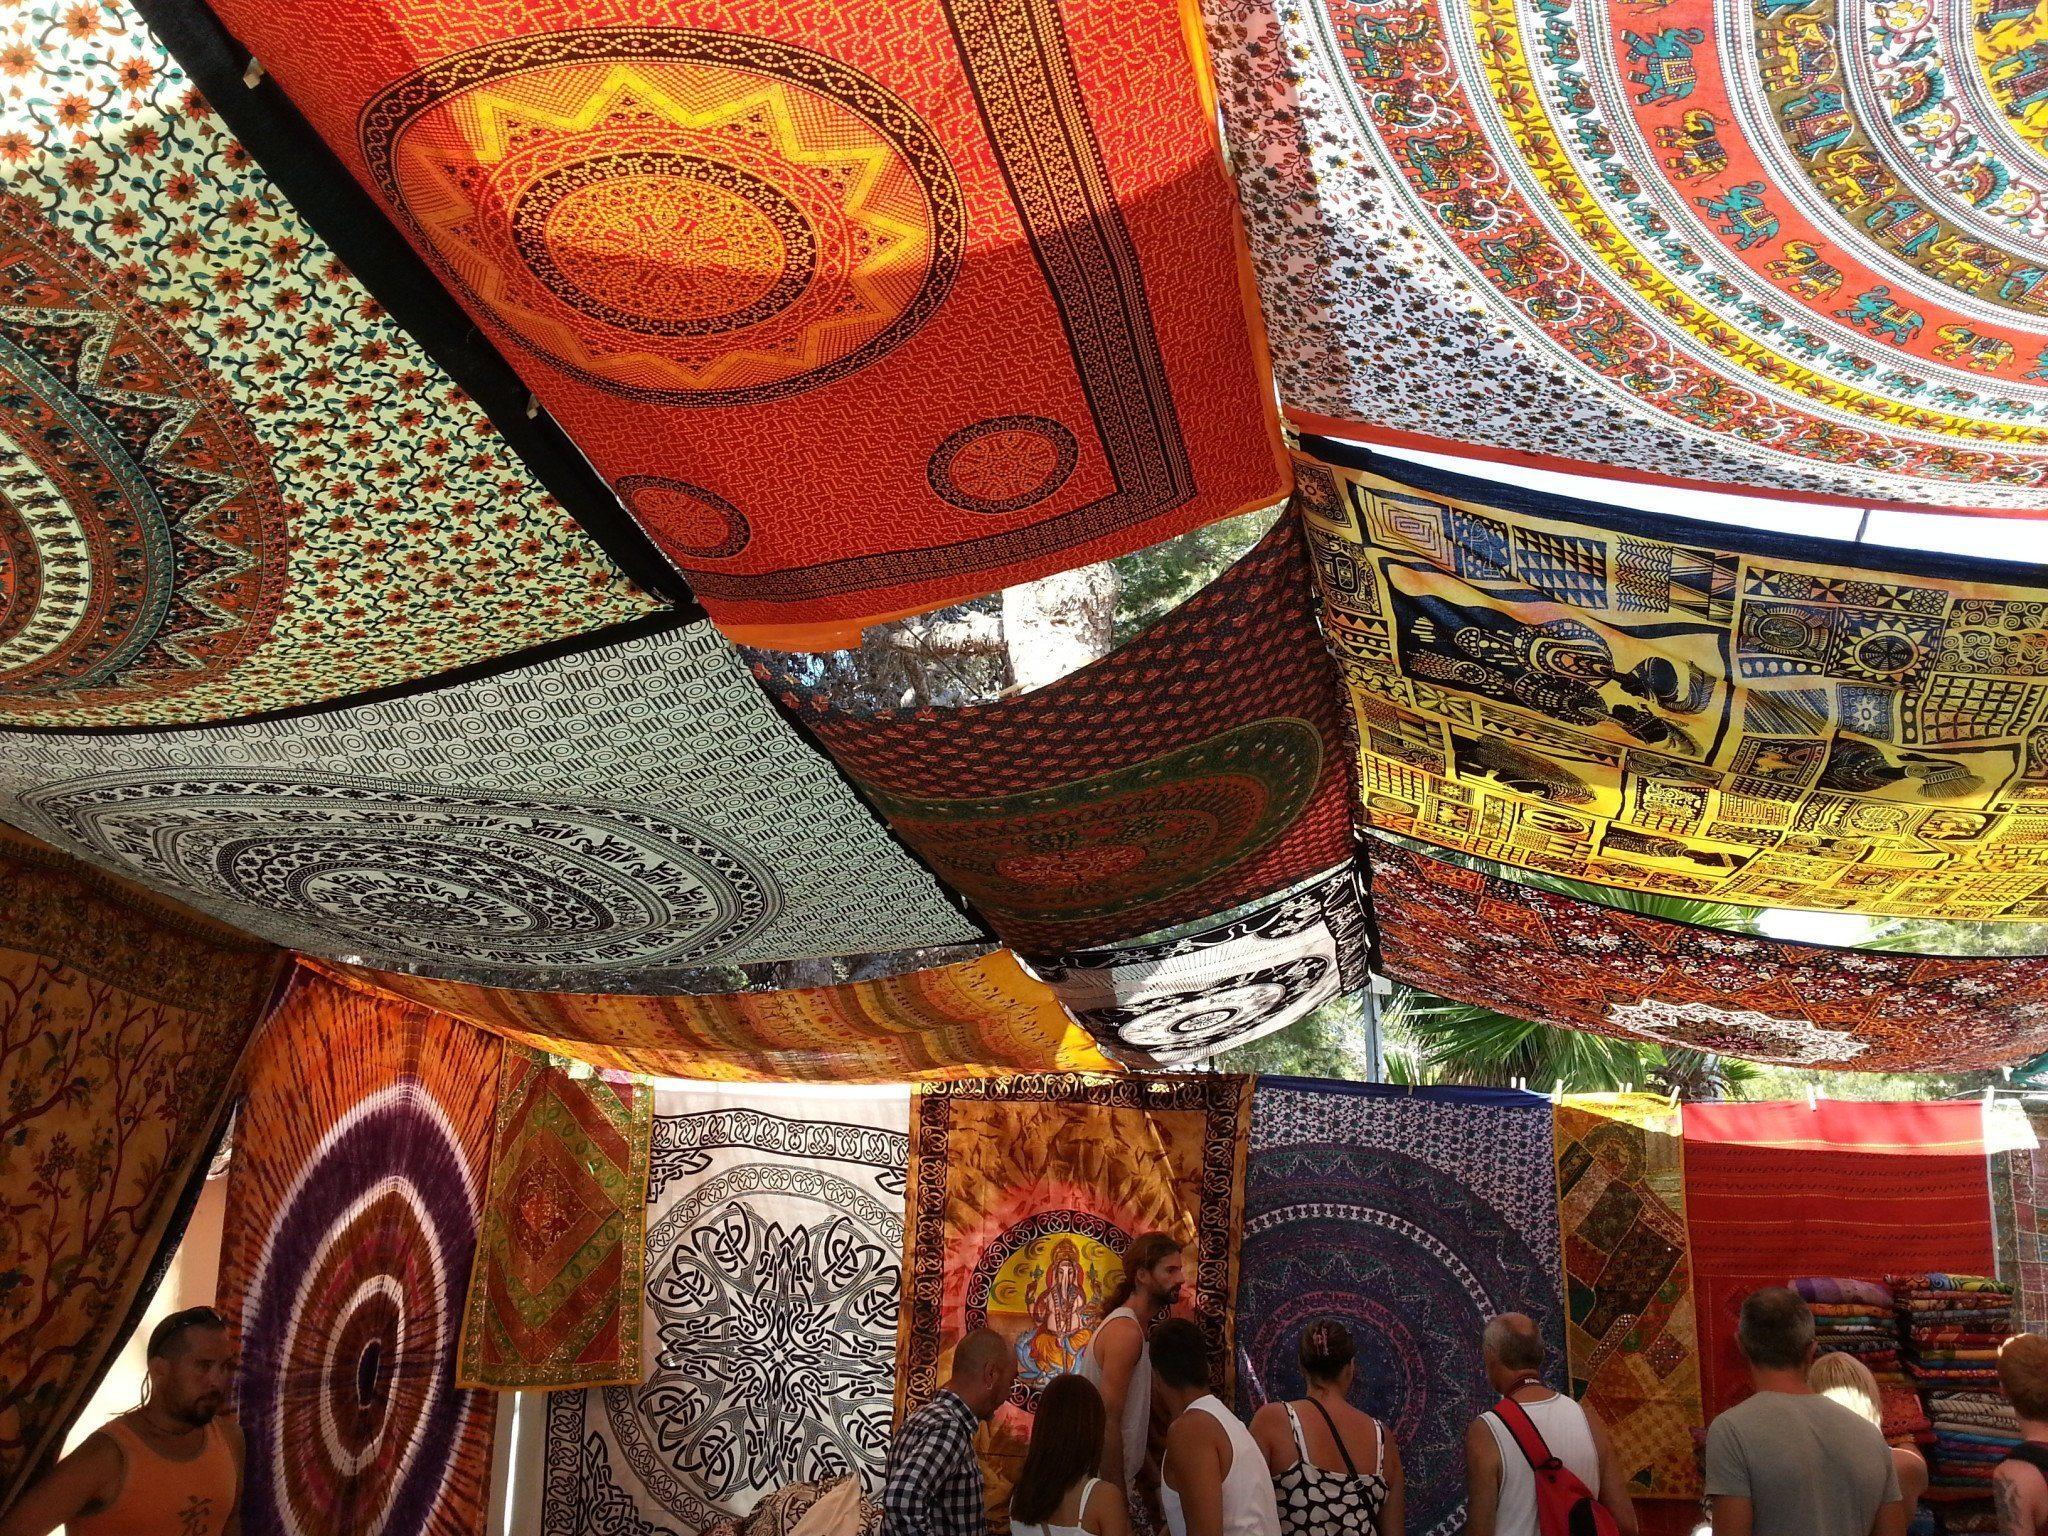 The Hippy Market at Club Punta Arbia Es Canna Ibiza